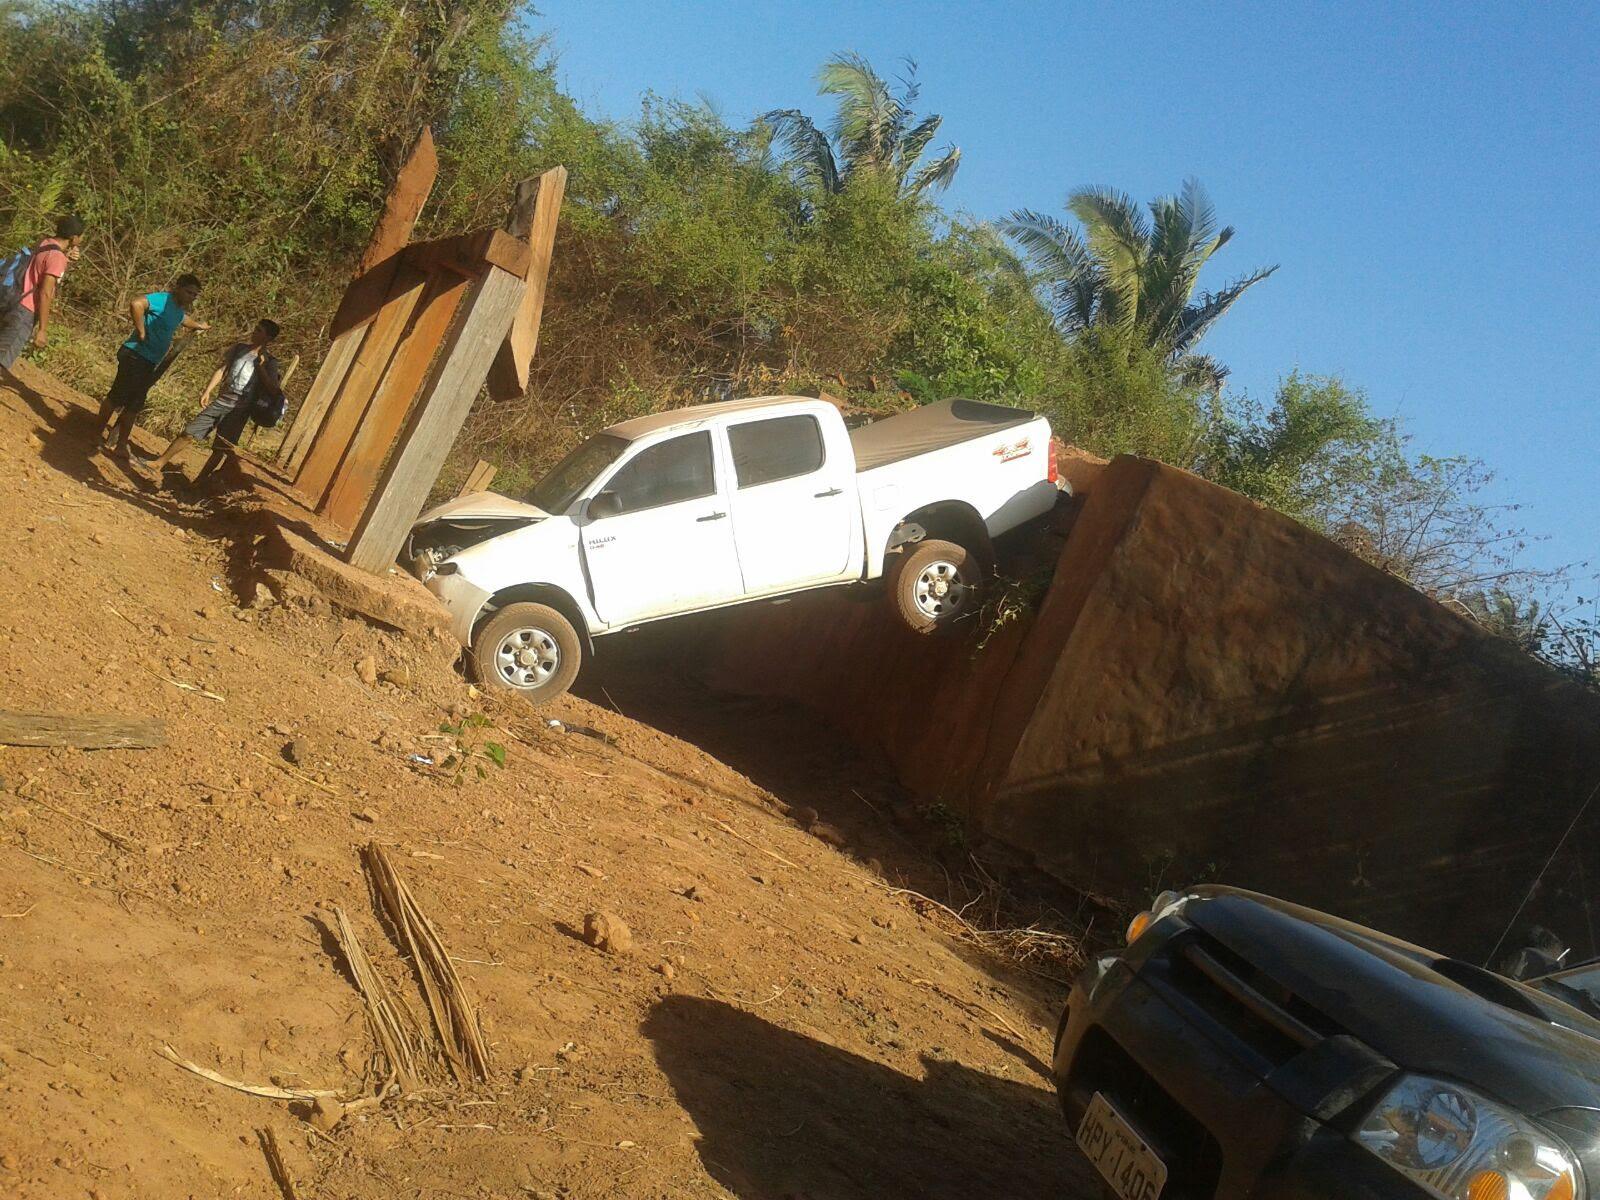 Prefeito despencou com veículo por pensar que havia ponte